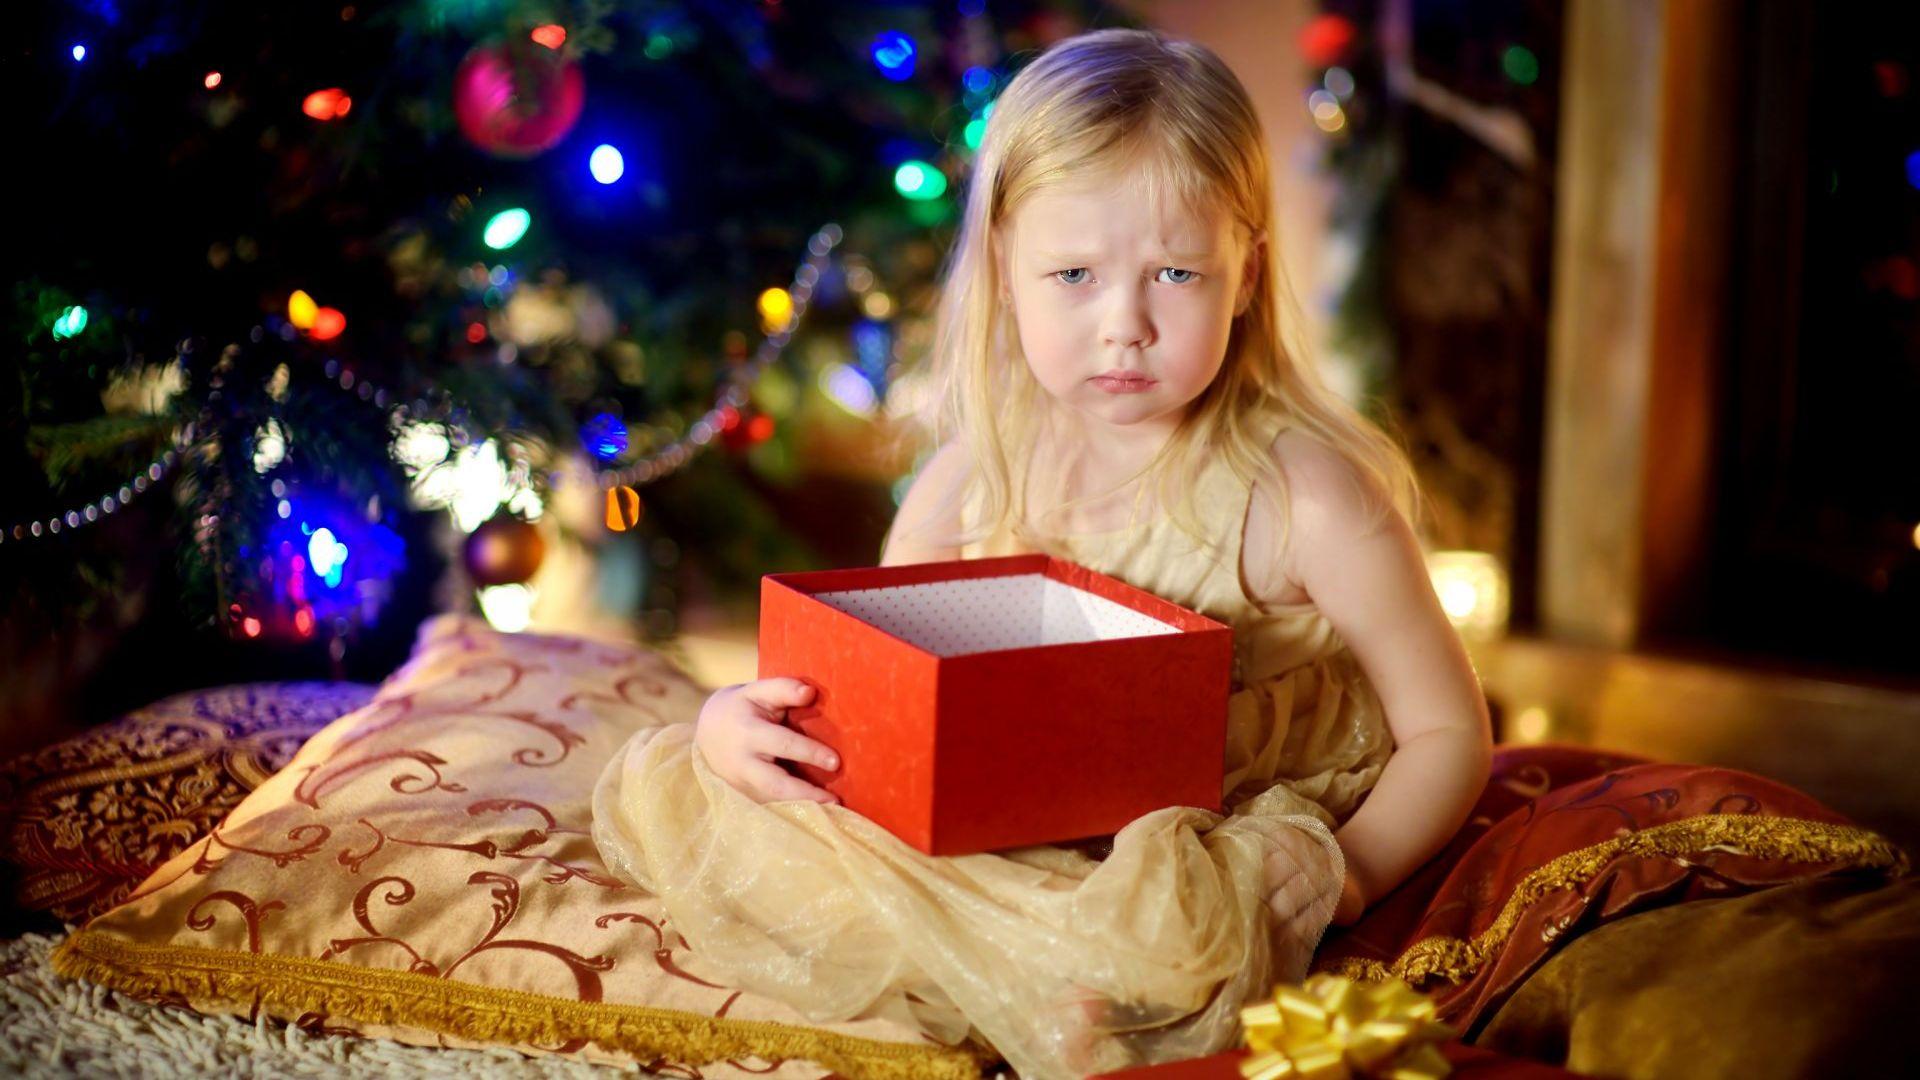 15 души споделят за най-лошите подаръци, които някога са получили